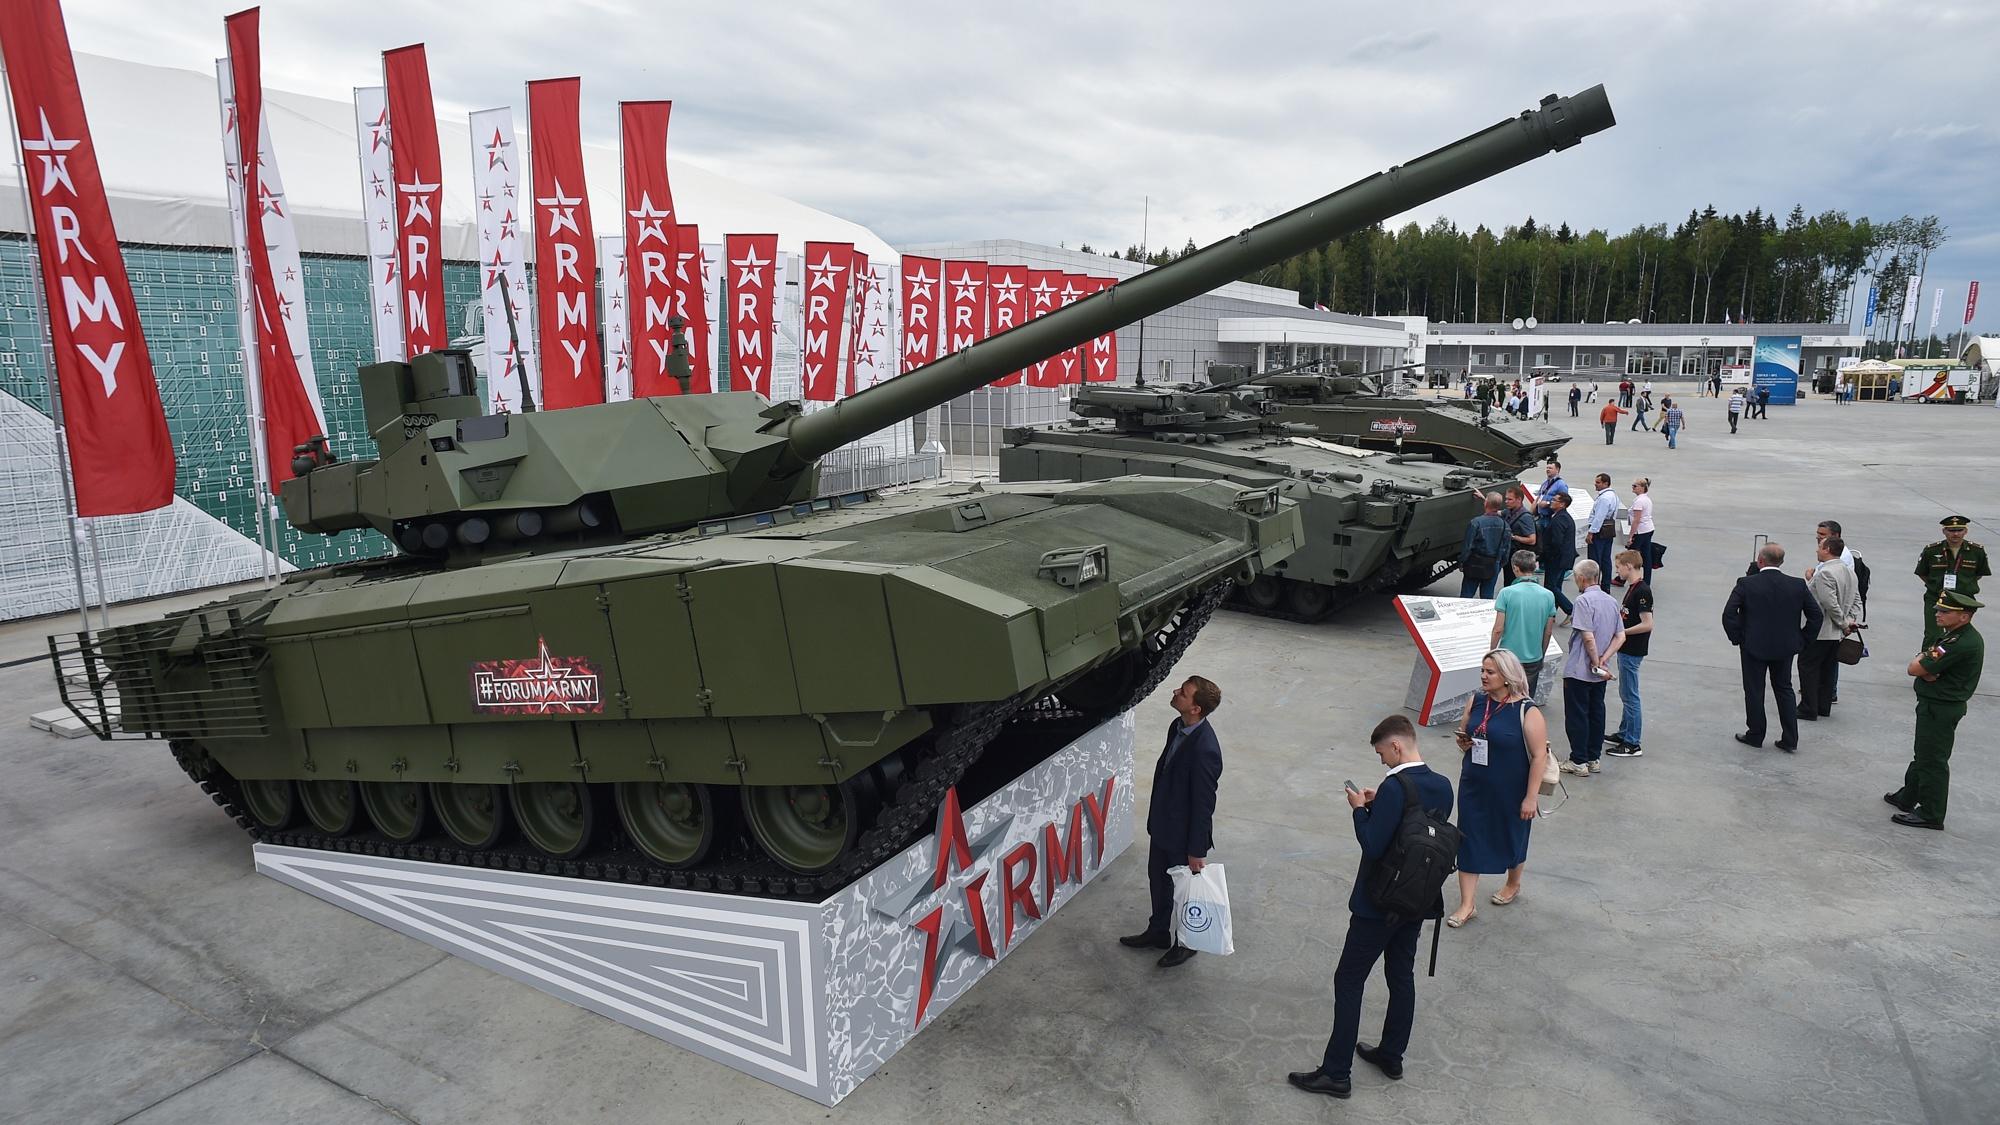 На форуме «Армия-2020» представят экспозицию из 23 танков и бронеавтомобилей